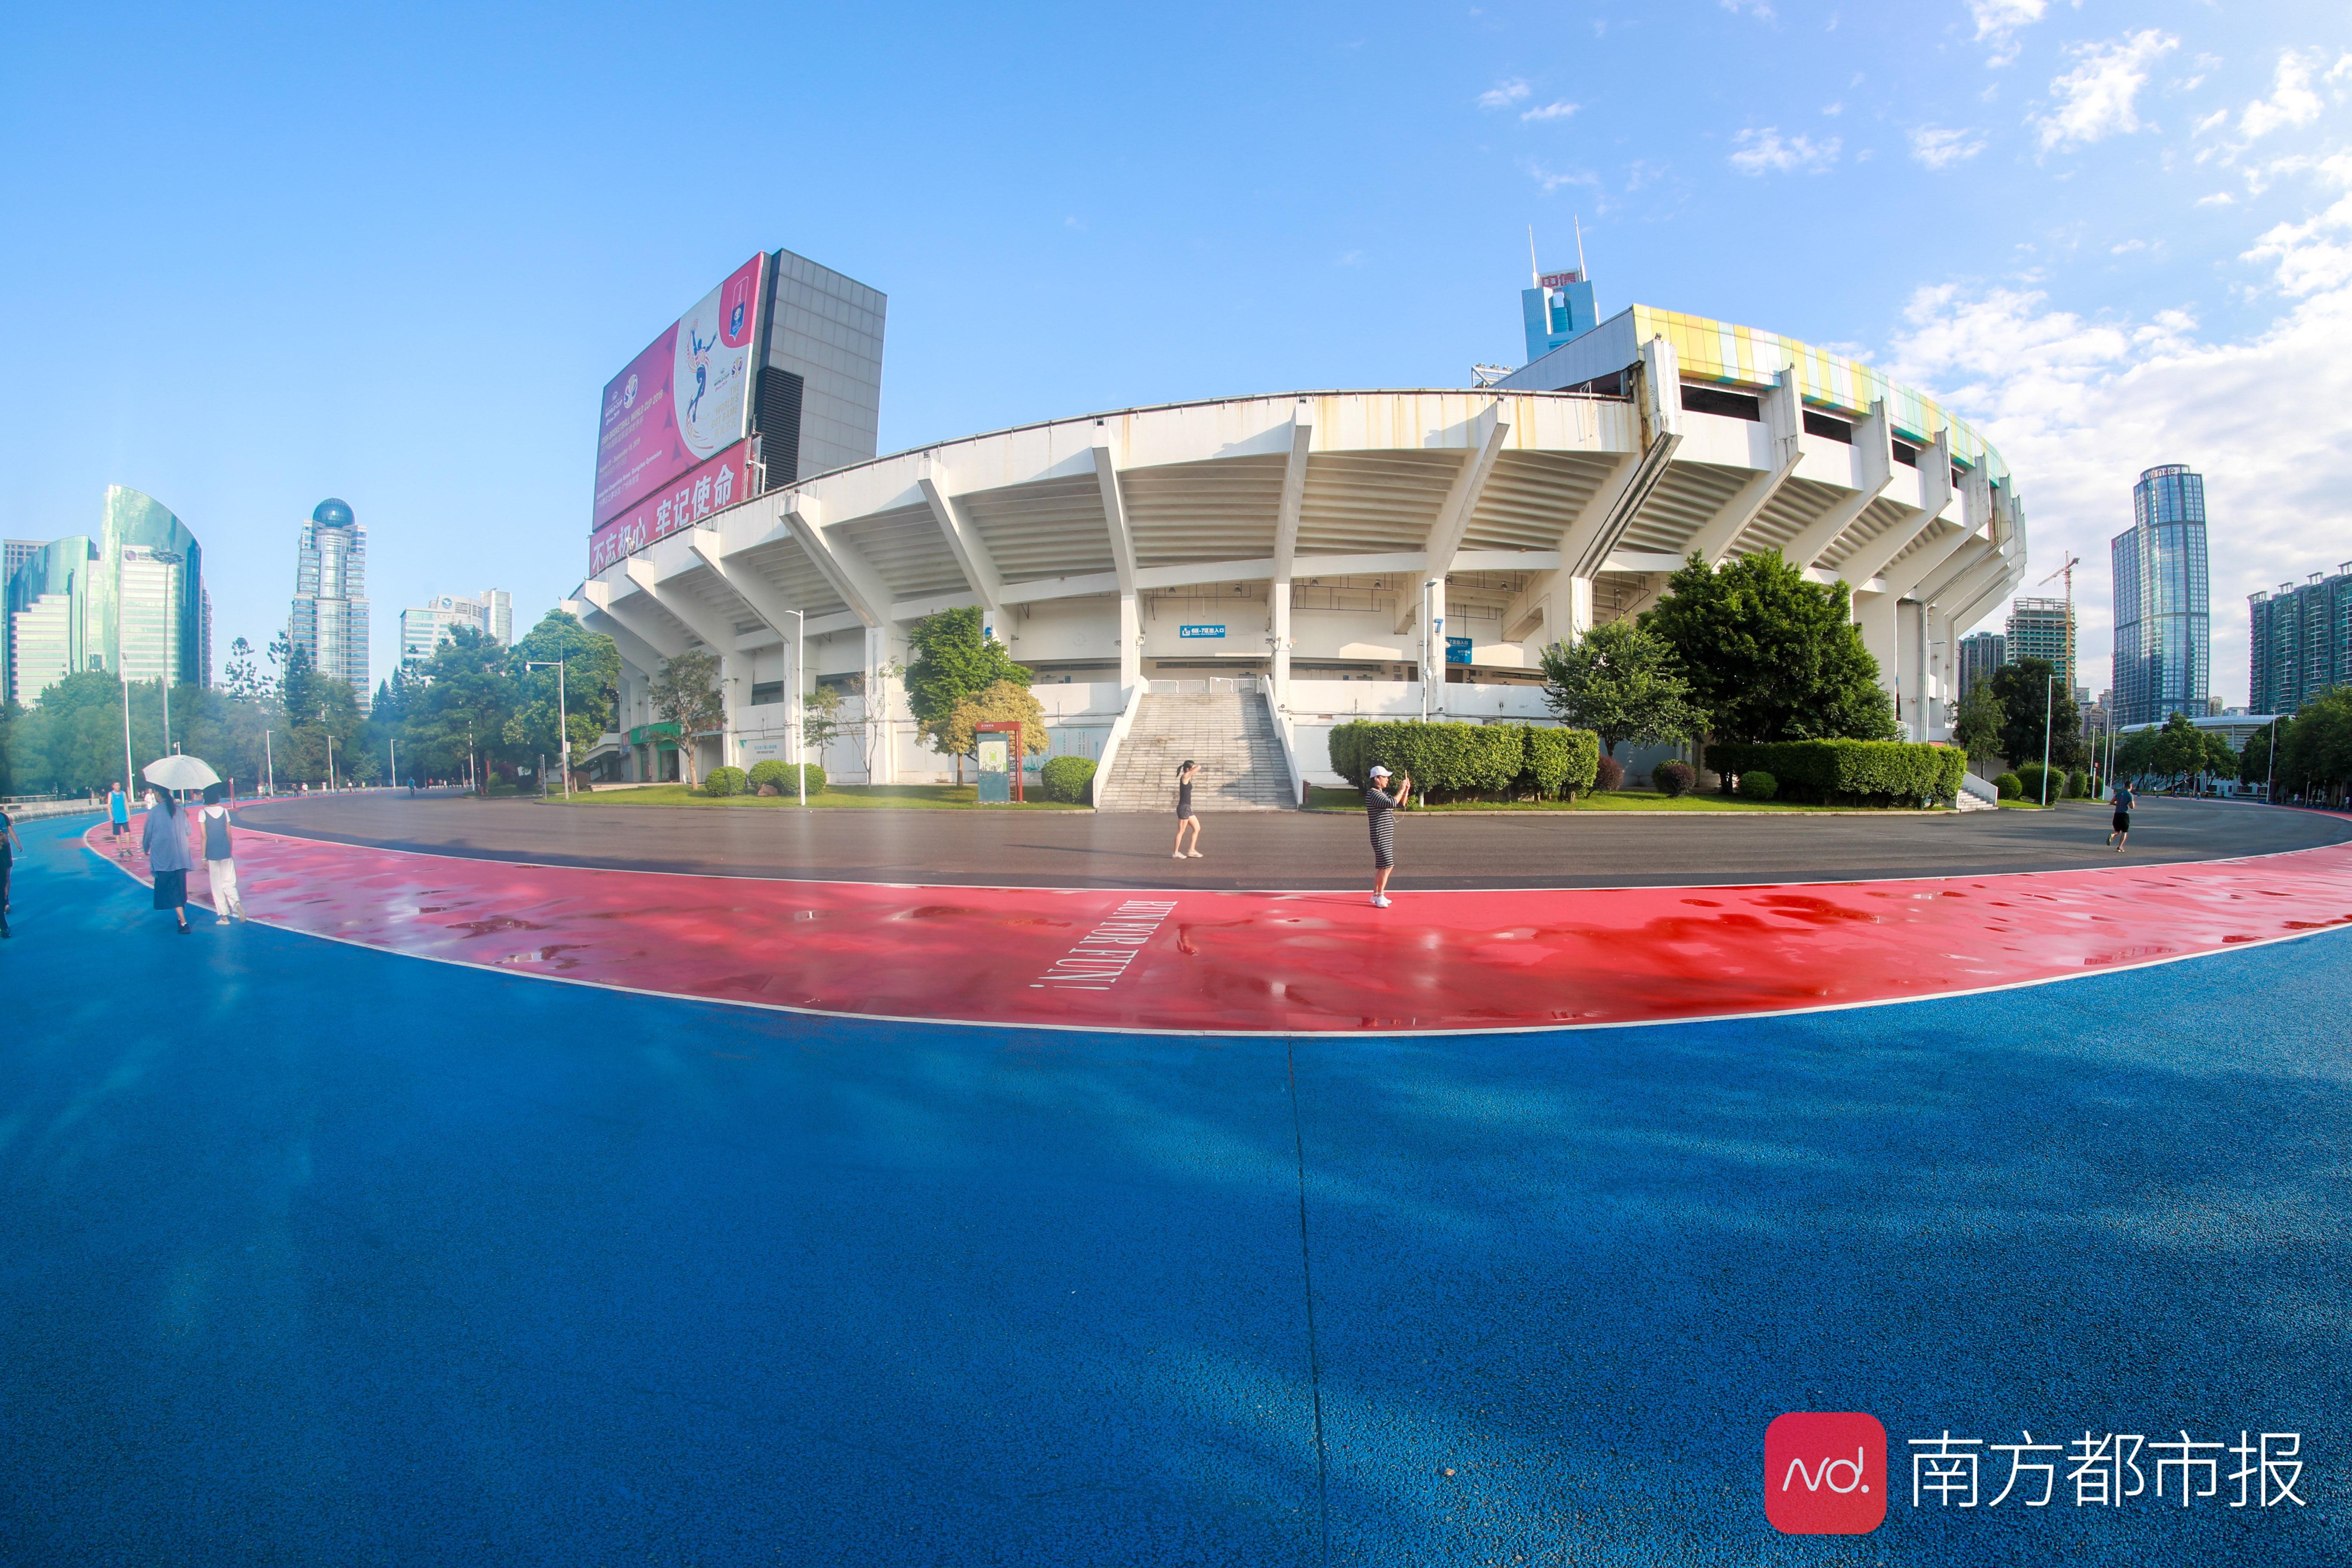 广州跑友福利来了,全国首条大型体育场外围千米塑胶跑道亮相